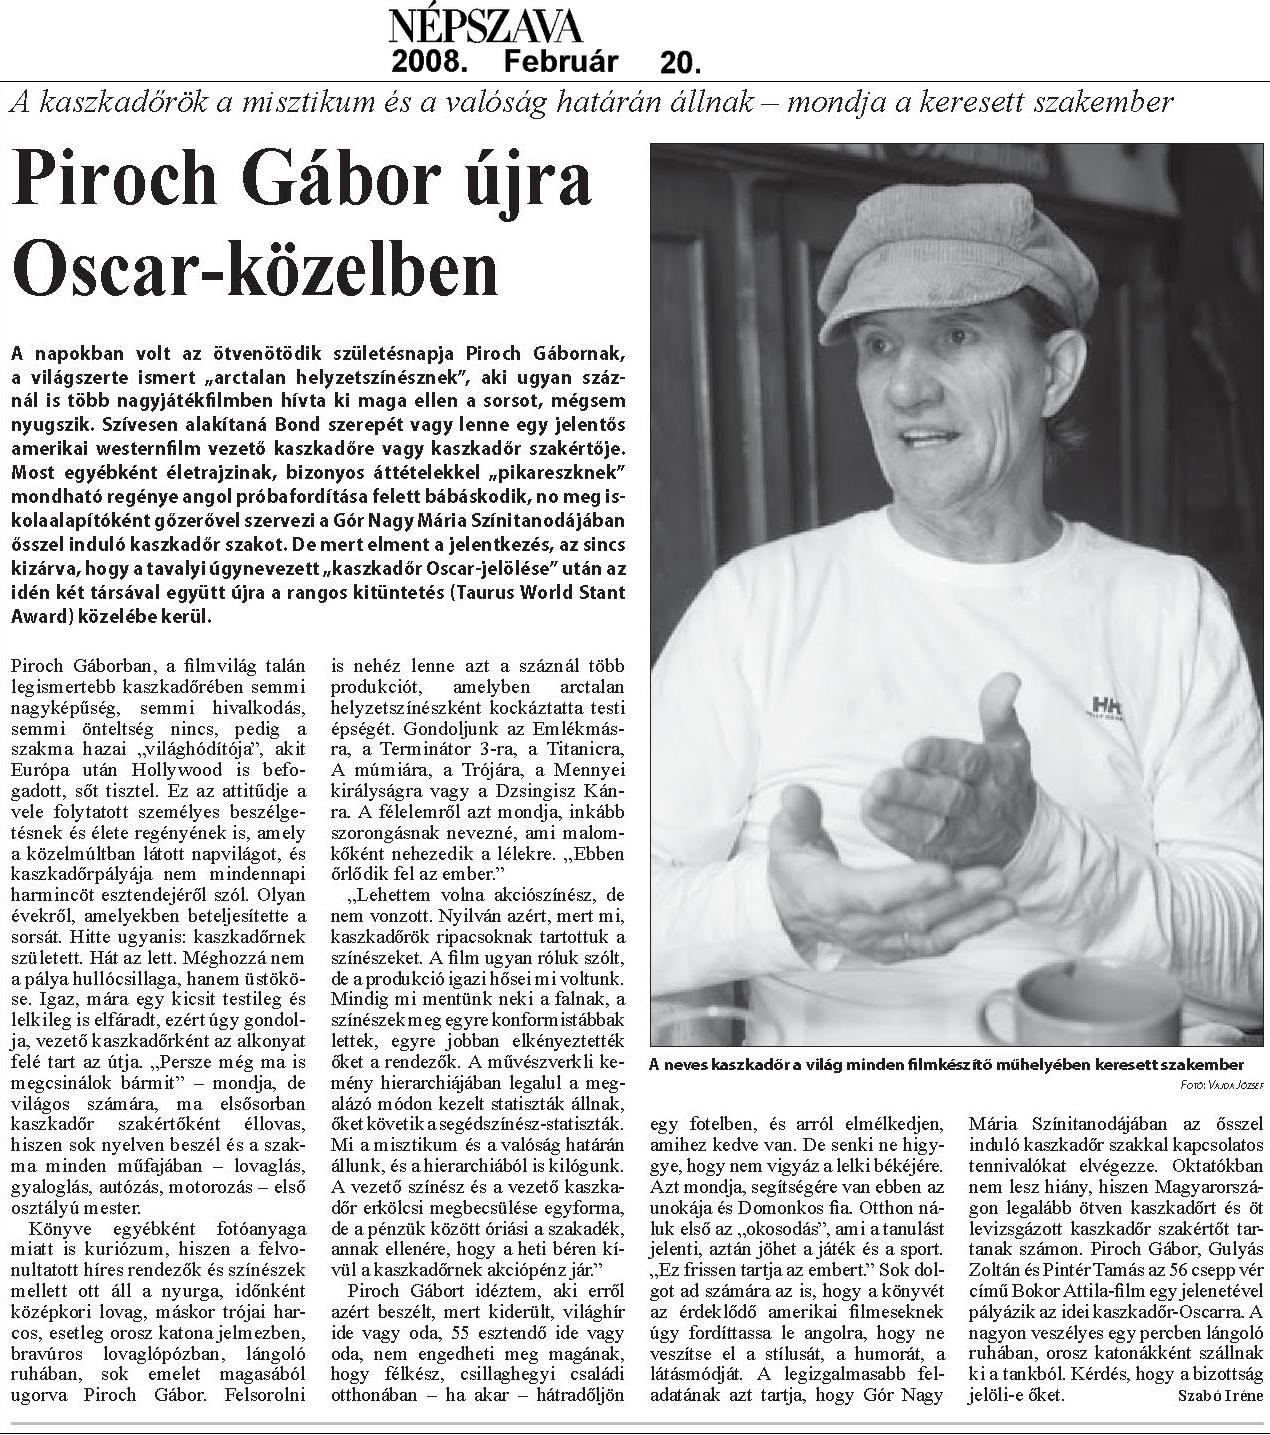 Népszava 02.20. - Piroch Gábor újra Oscar-közelben